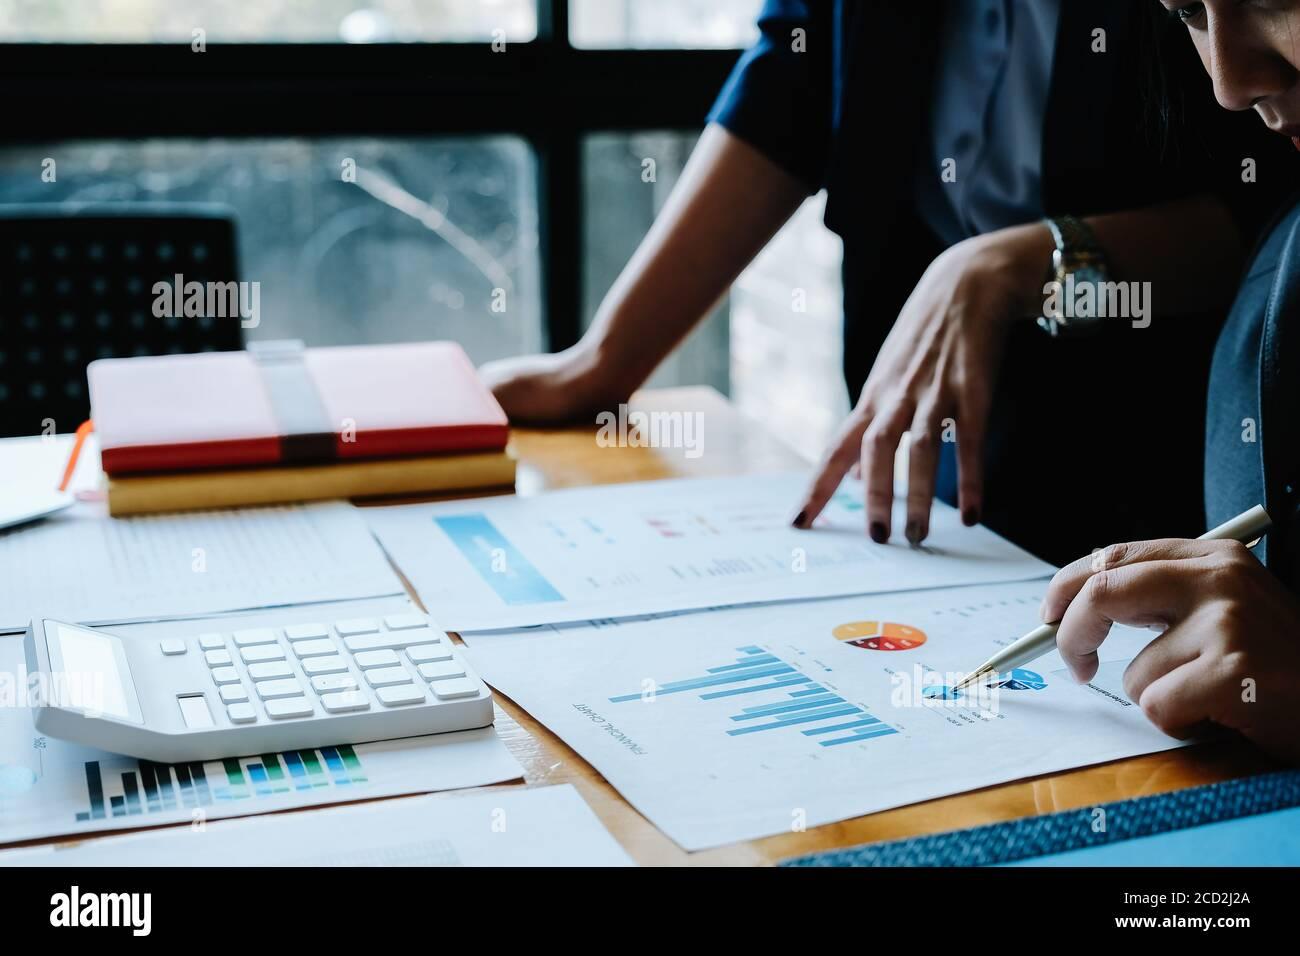 Nahaufnahme Treffen von Geschäftsleuten, um die Situation auf dem Markt zu diskutieren. Business Financial Concept Stockfoto